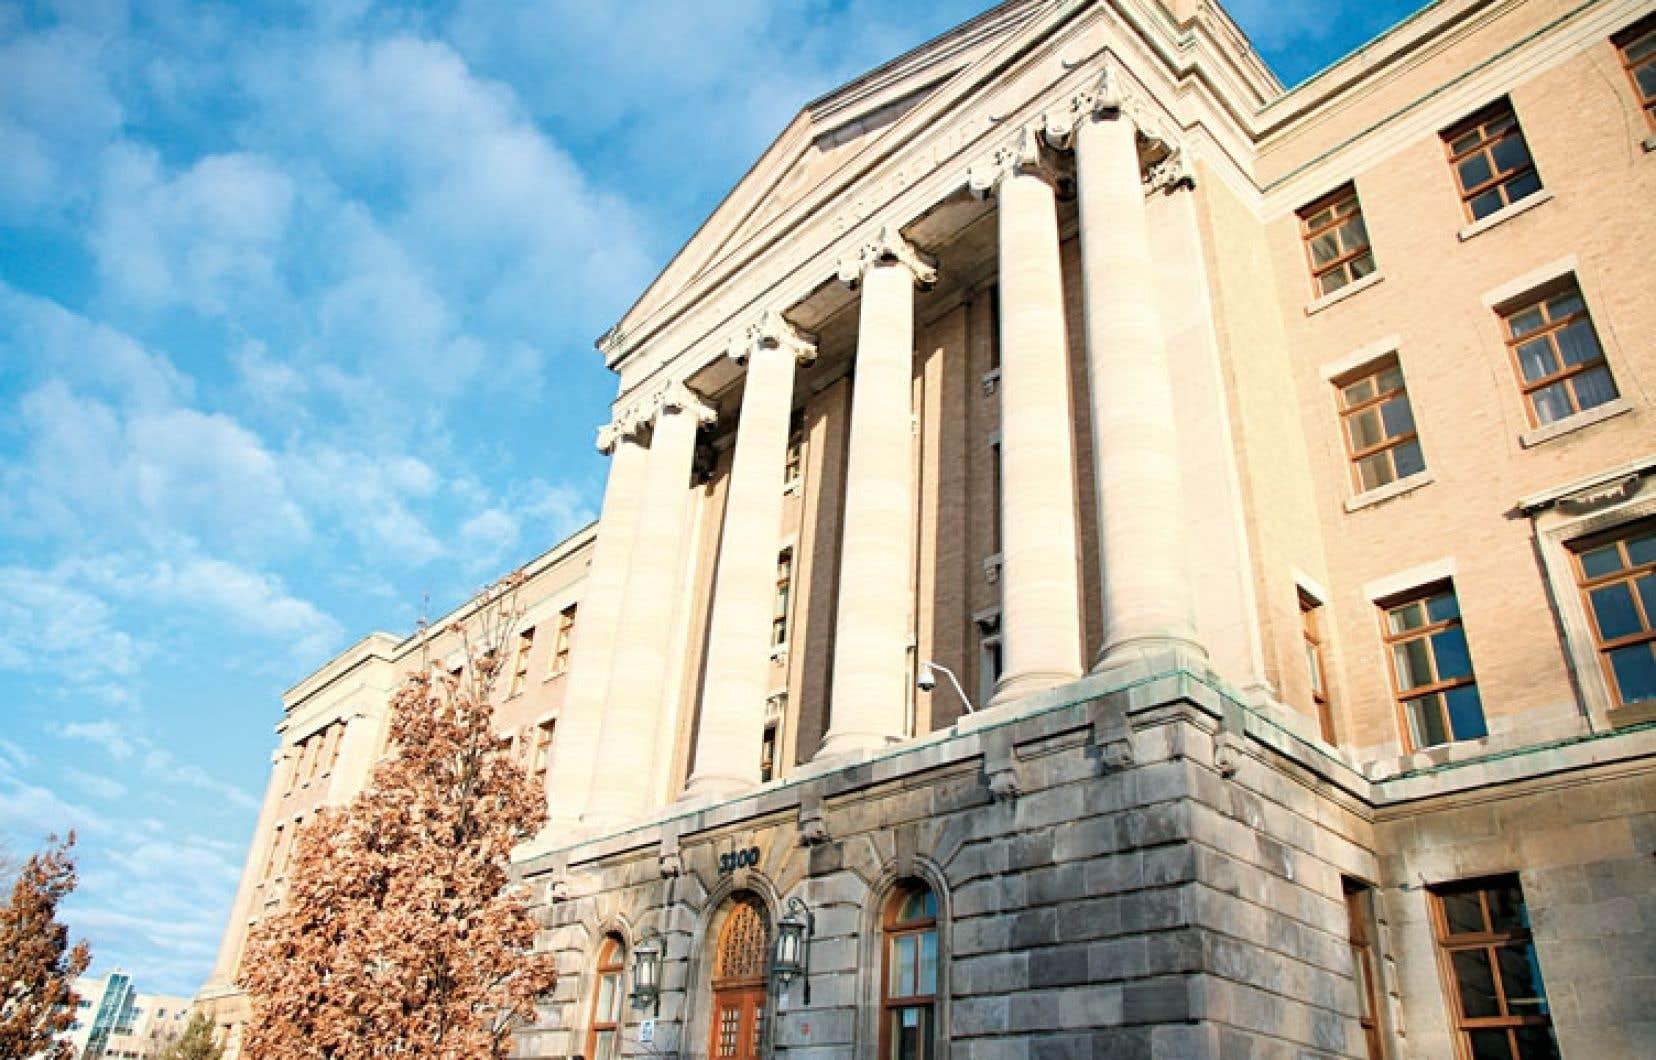 Le collège Jean-de-Brébeuf offre une formation collégiale enrichie, le baccalauréat international. Ce programme est même offert maintenant dès le secondaire.